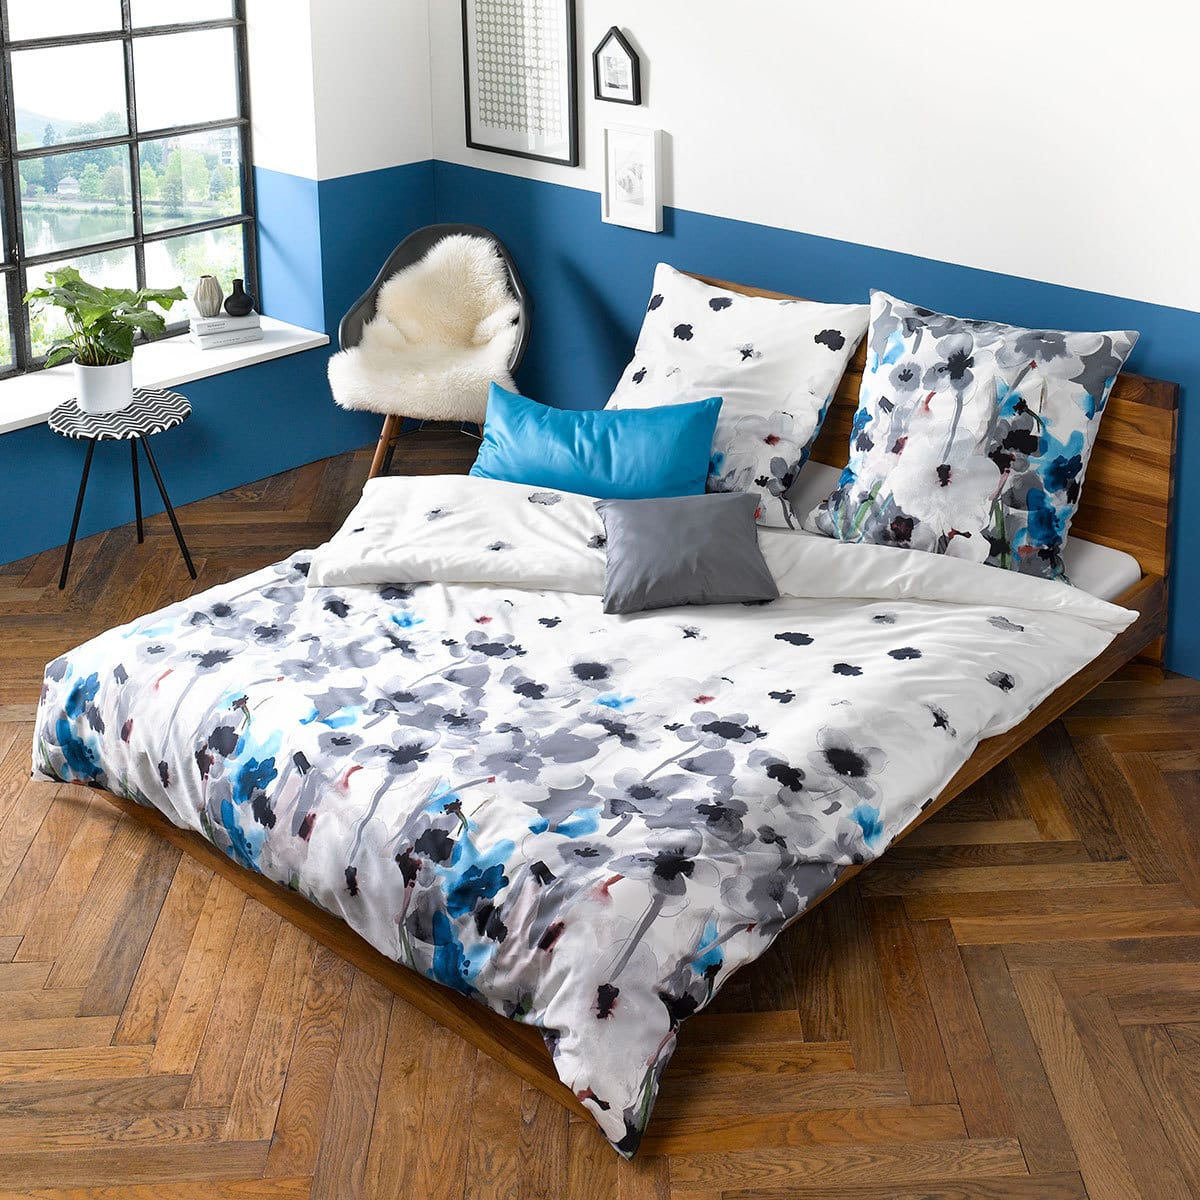 fleuresse mako satin bettw sche modern garden 113687 0007 g nstig online kaufen bei bettwaren shop. Black Bedroom Furniture Sets. Home Design Ideas